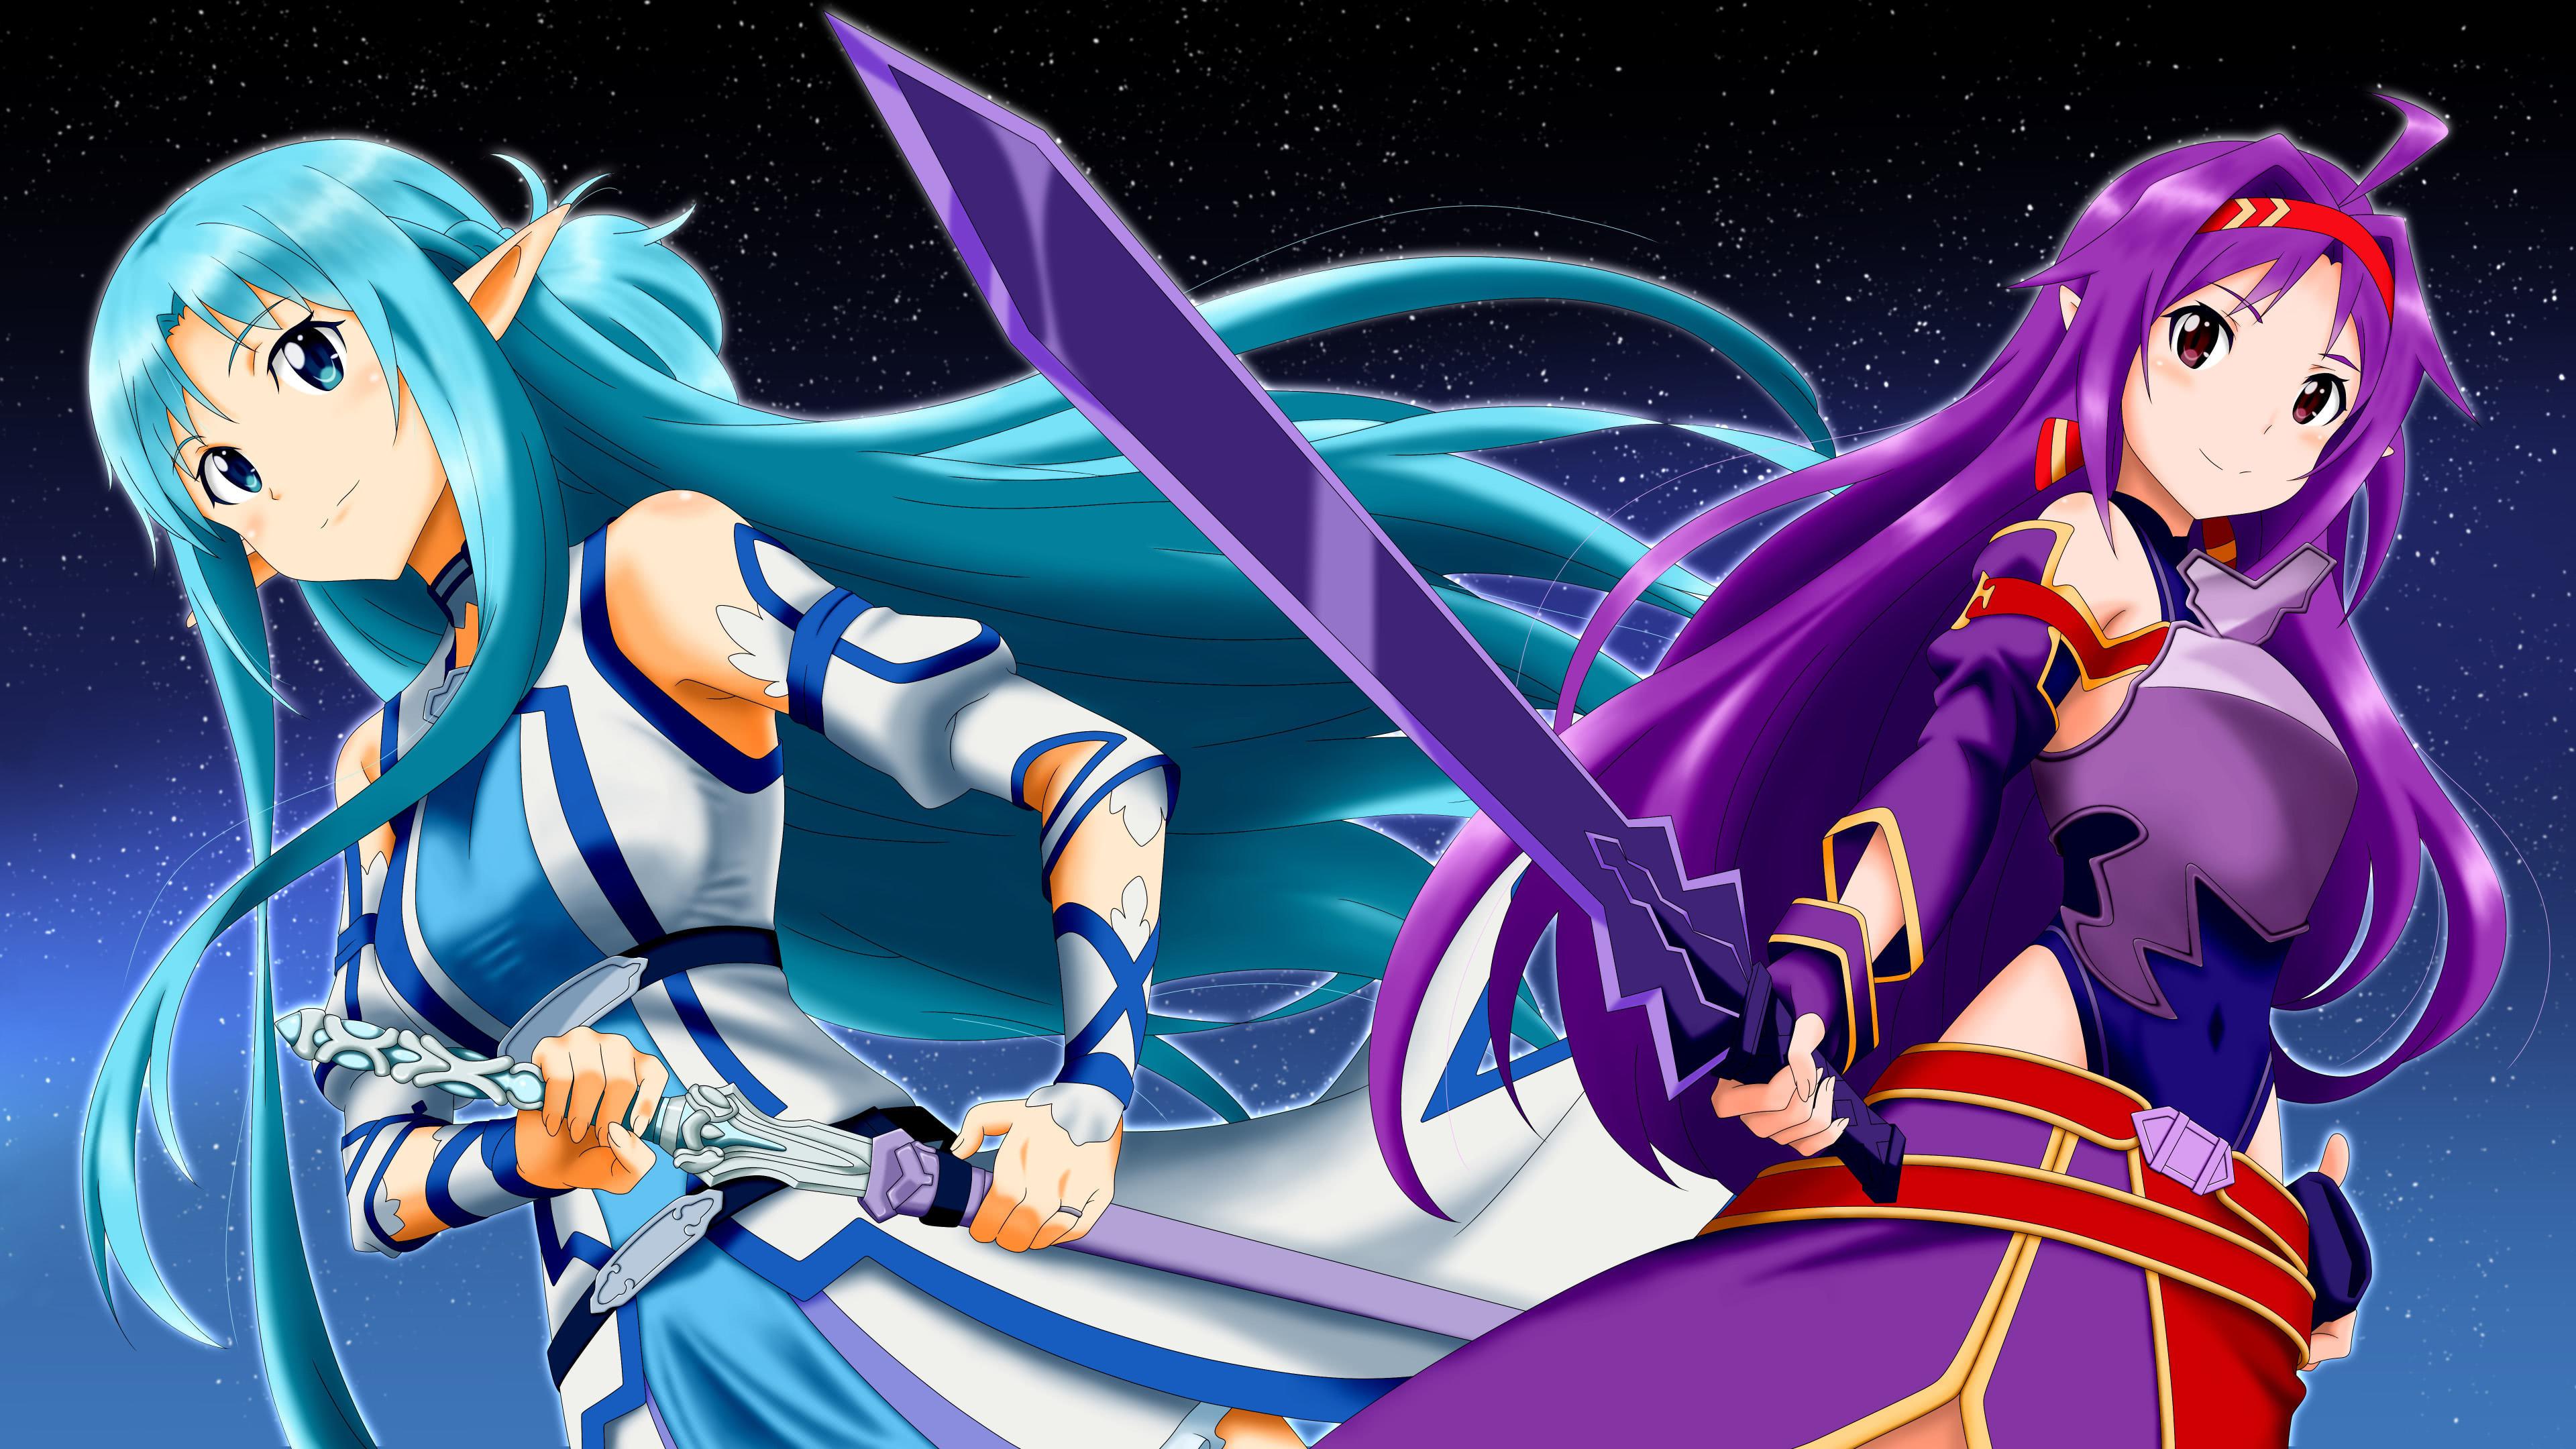 sword art online asuna and yuuki uhd 4k wallpaper